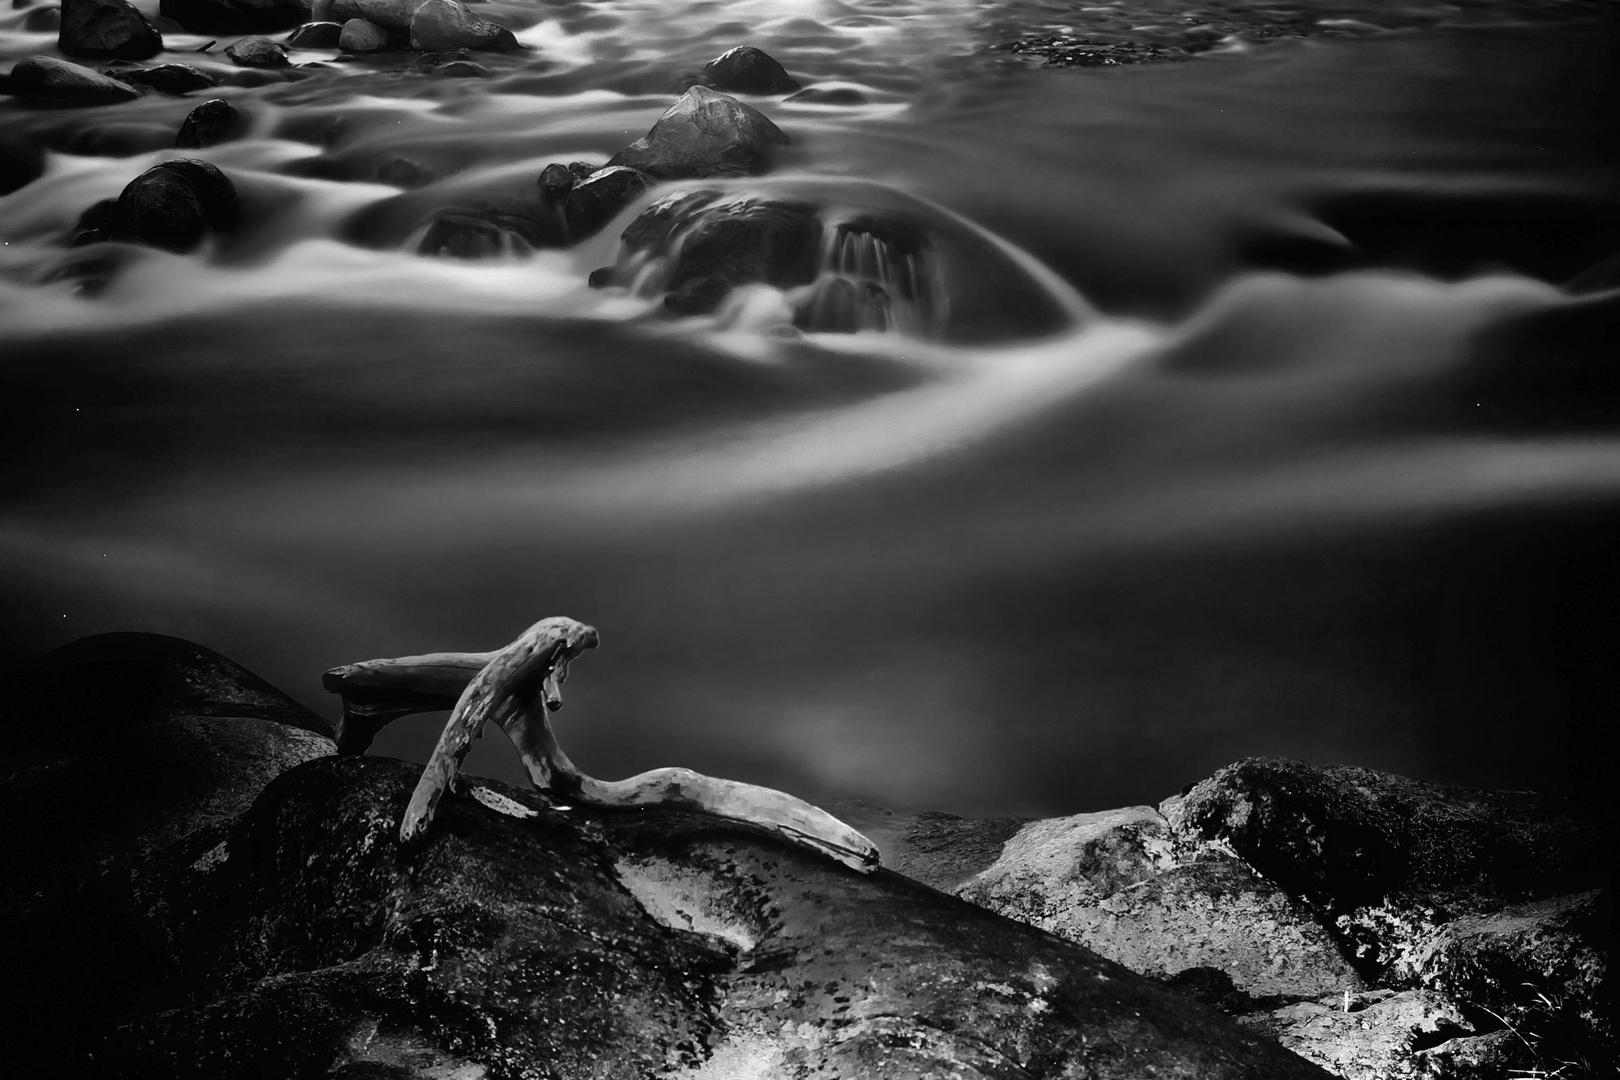 el rio tiene su en canto